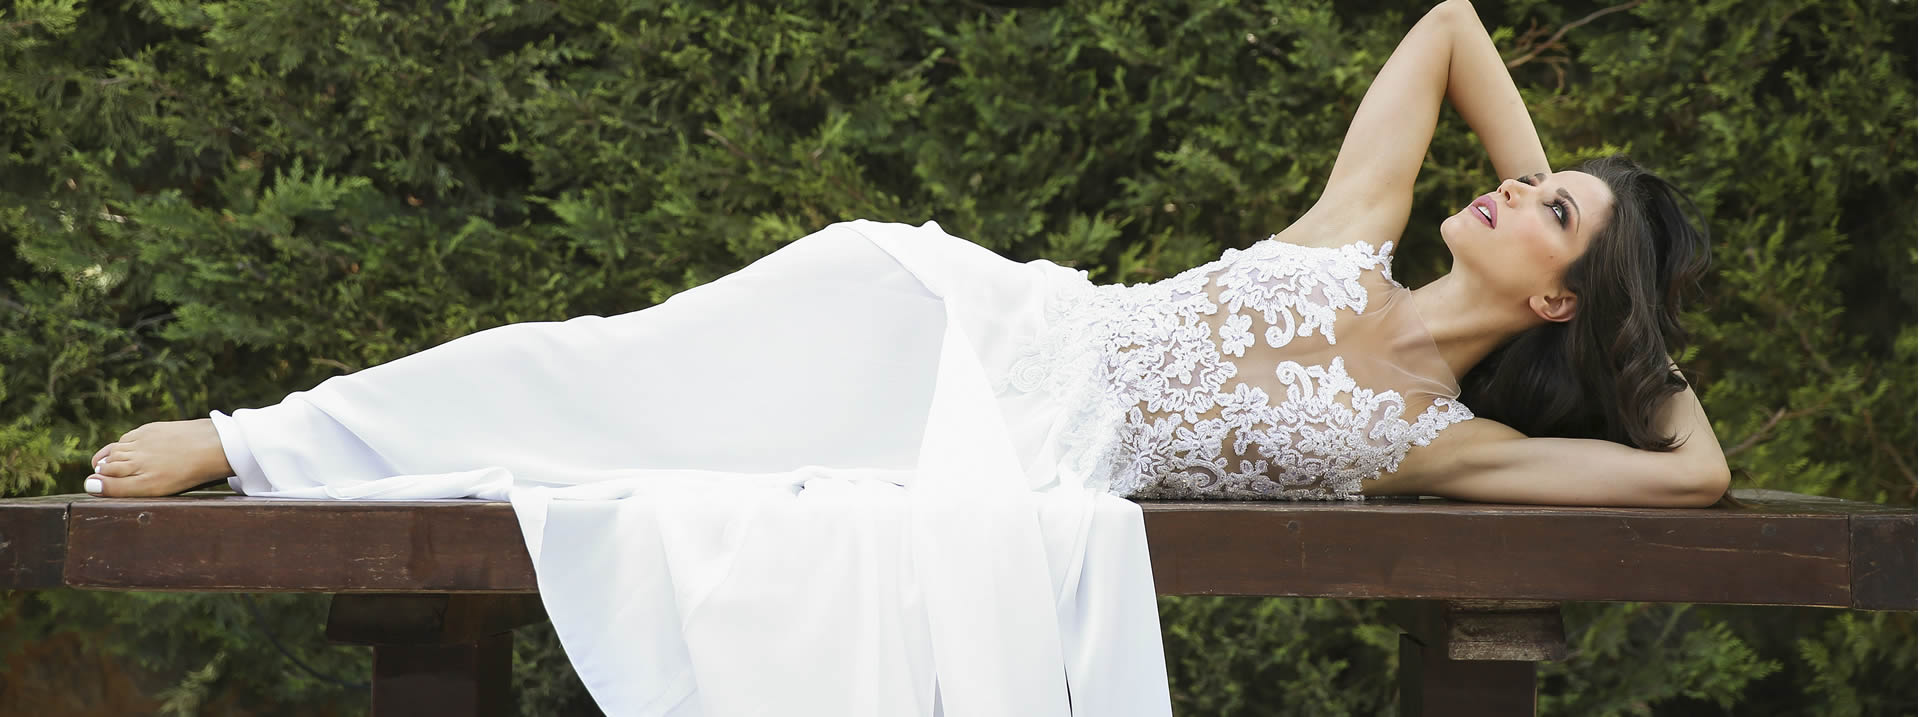 Κεντρικό Μενού - Περι Γάμου - Γάμος βάπτιση Νυφικά